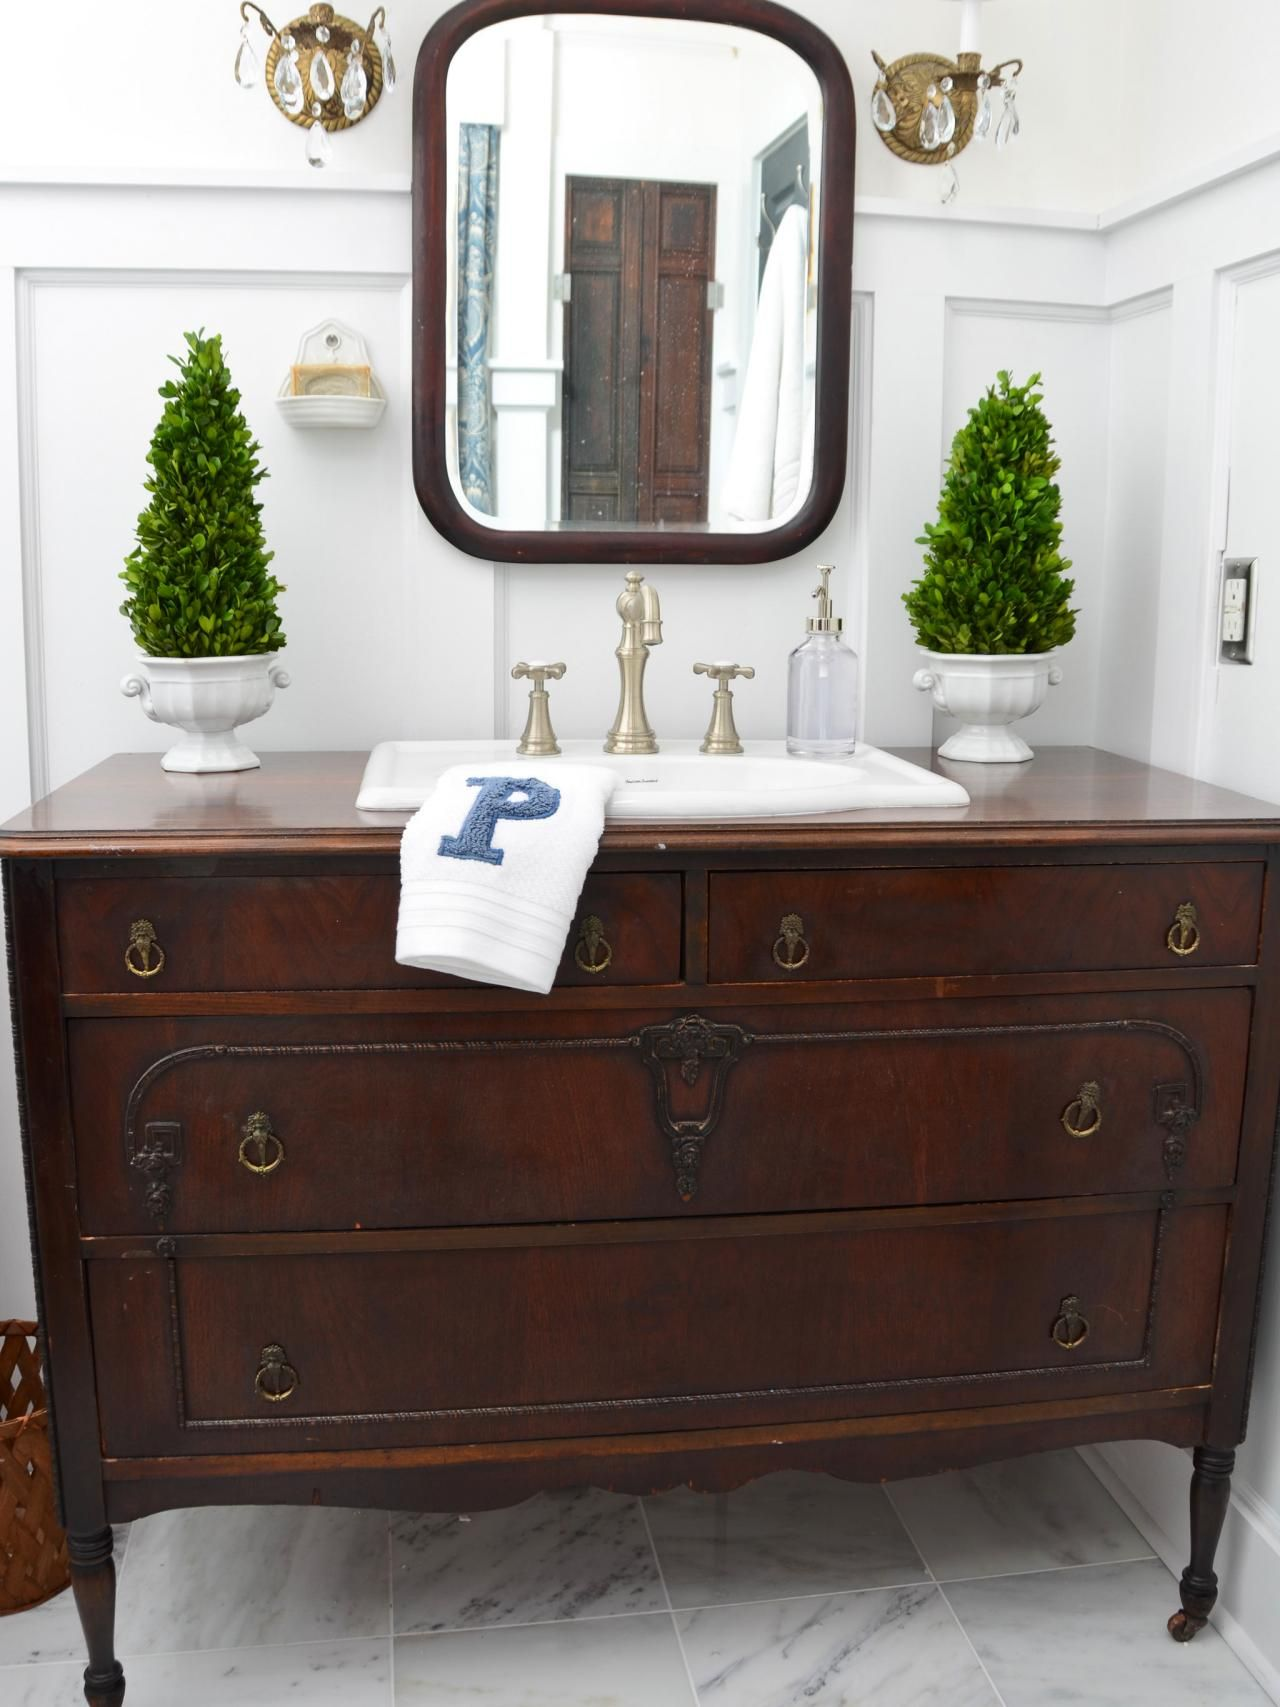 sideboard selber bauen 49 diy ideen und anleitung sideboard selber bauen selber bauen und. Black Bedroom Furniture Sets. Home Design Ideas